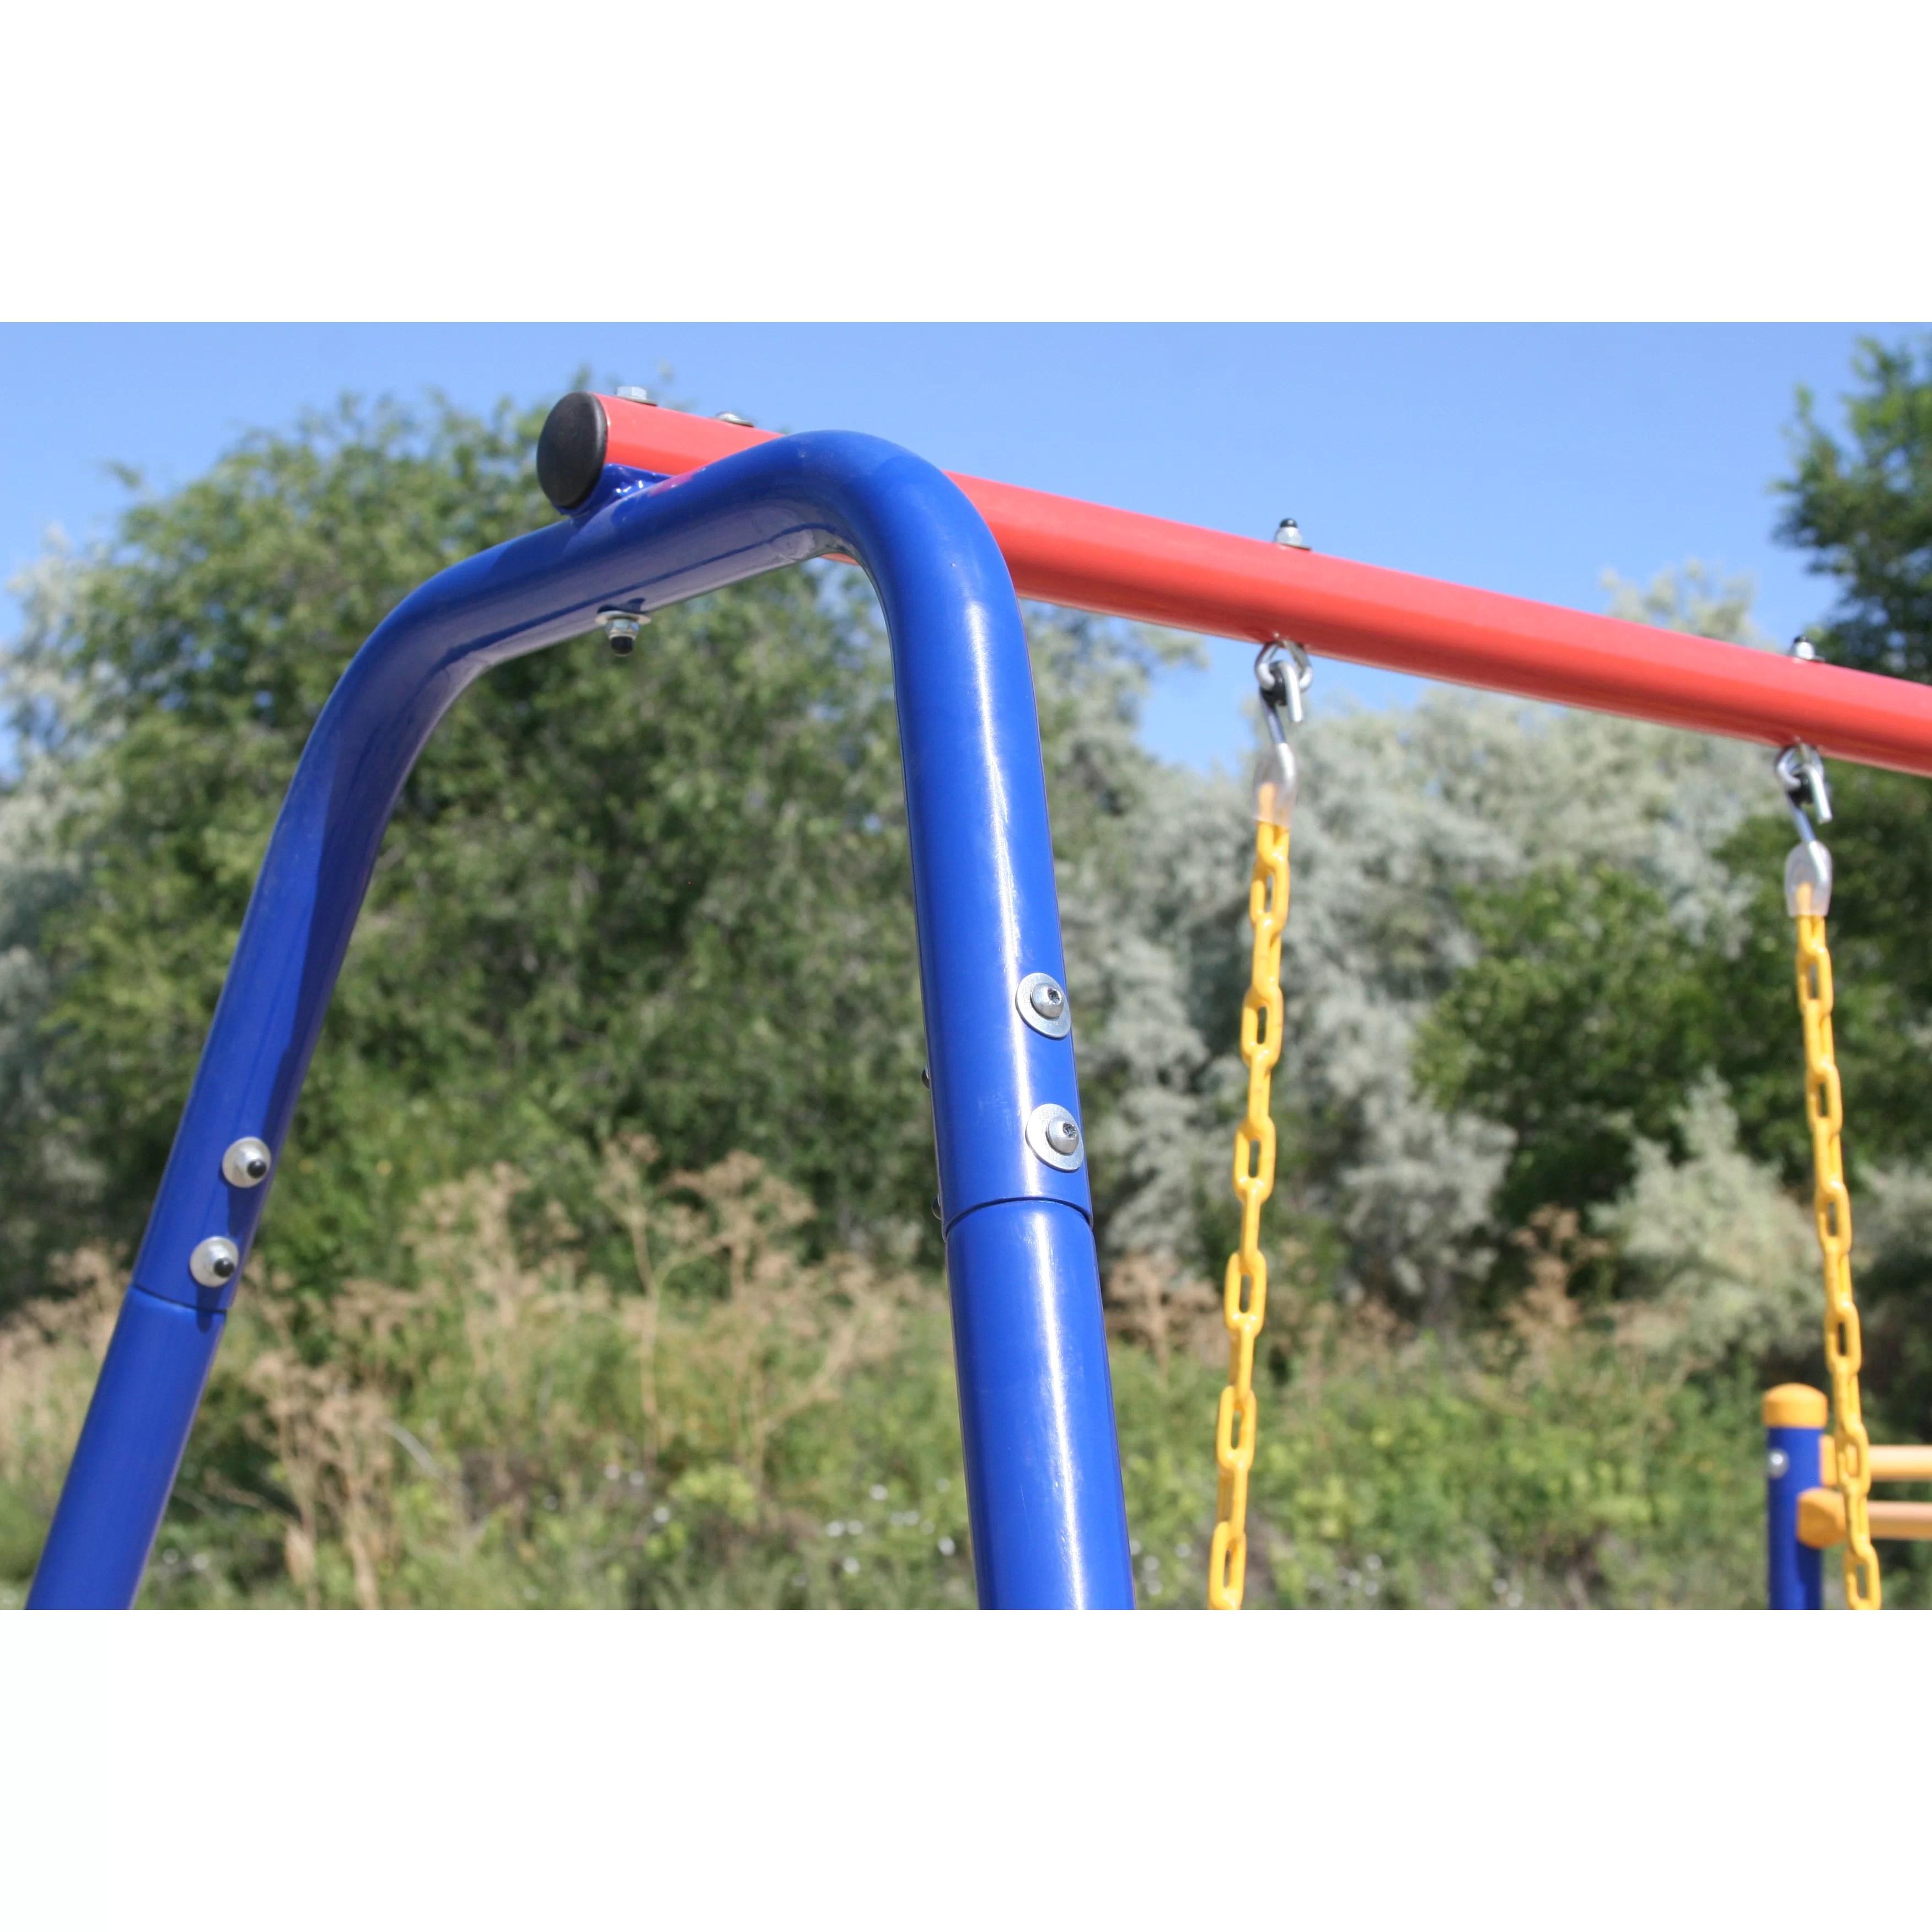 Trampoline Swing Set Combo